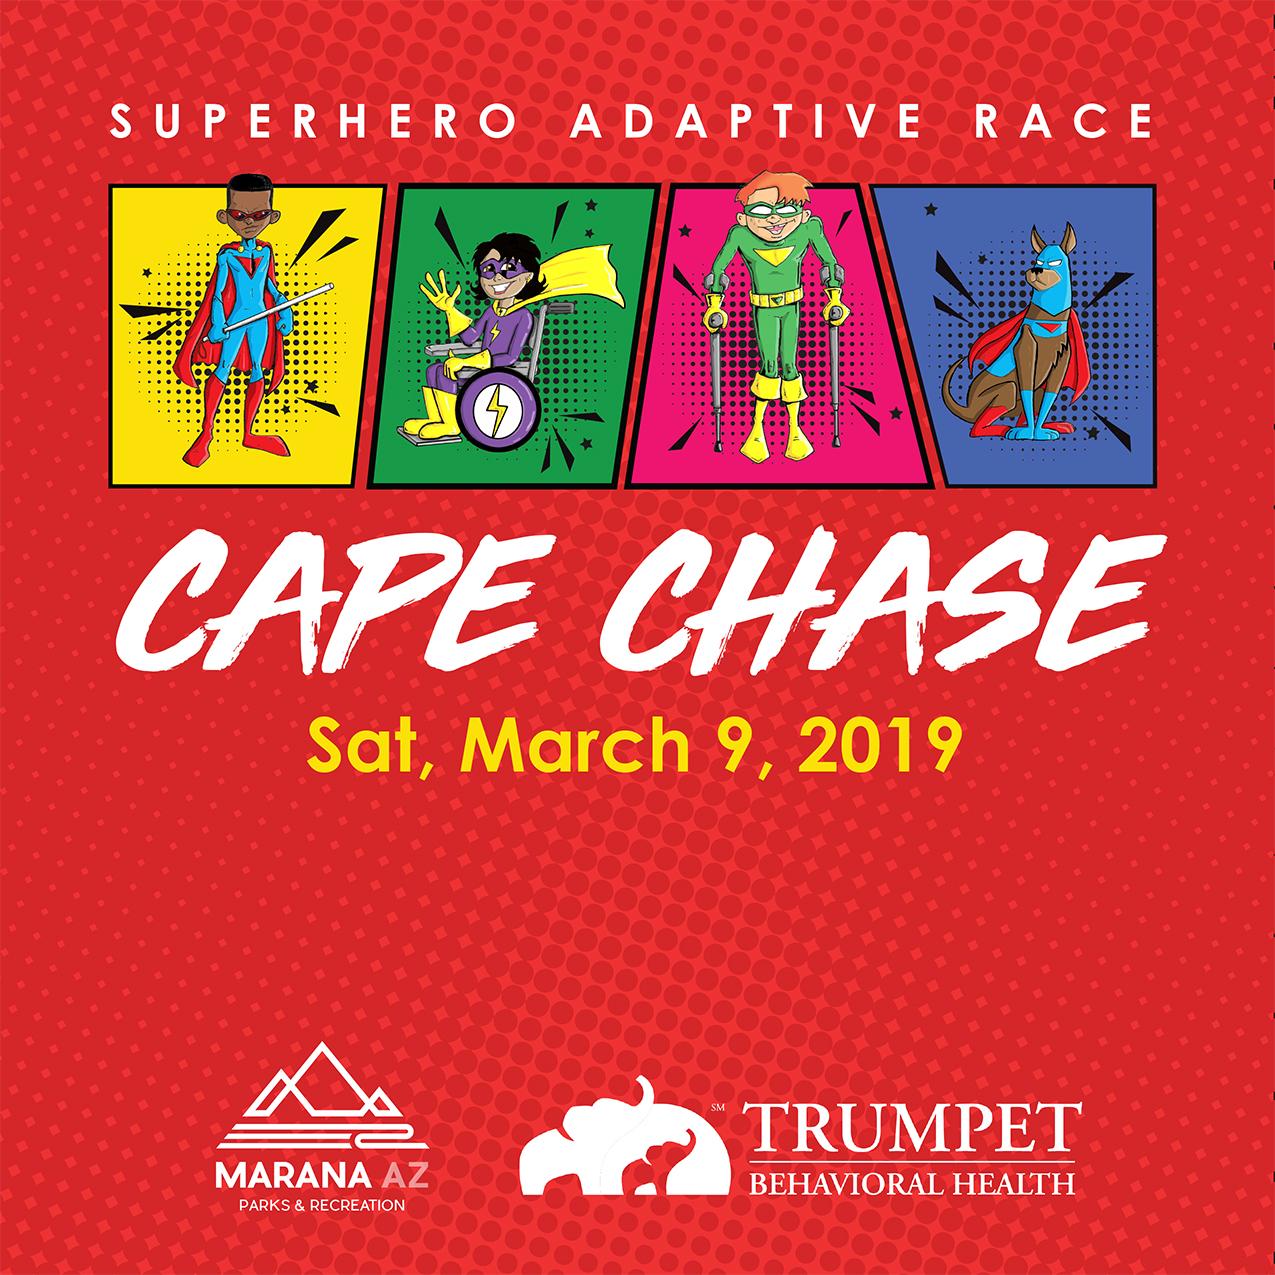 Cape Chase Fun Run - Marana, AZ